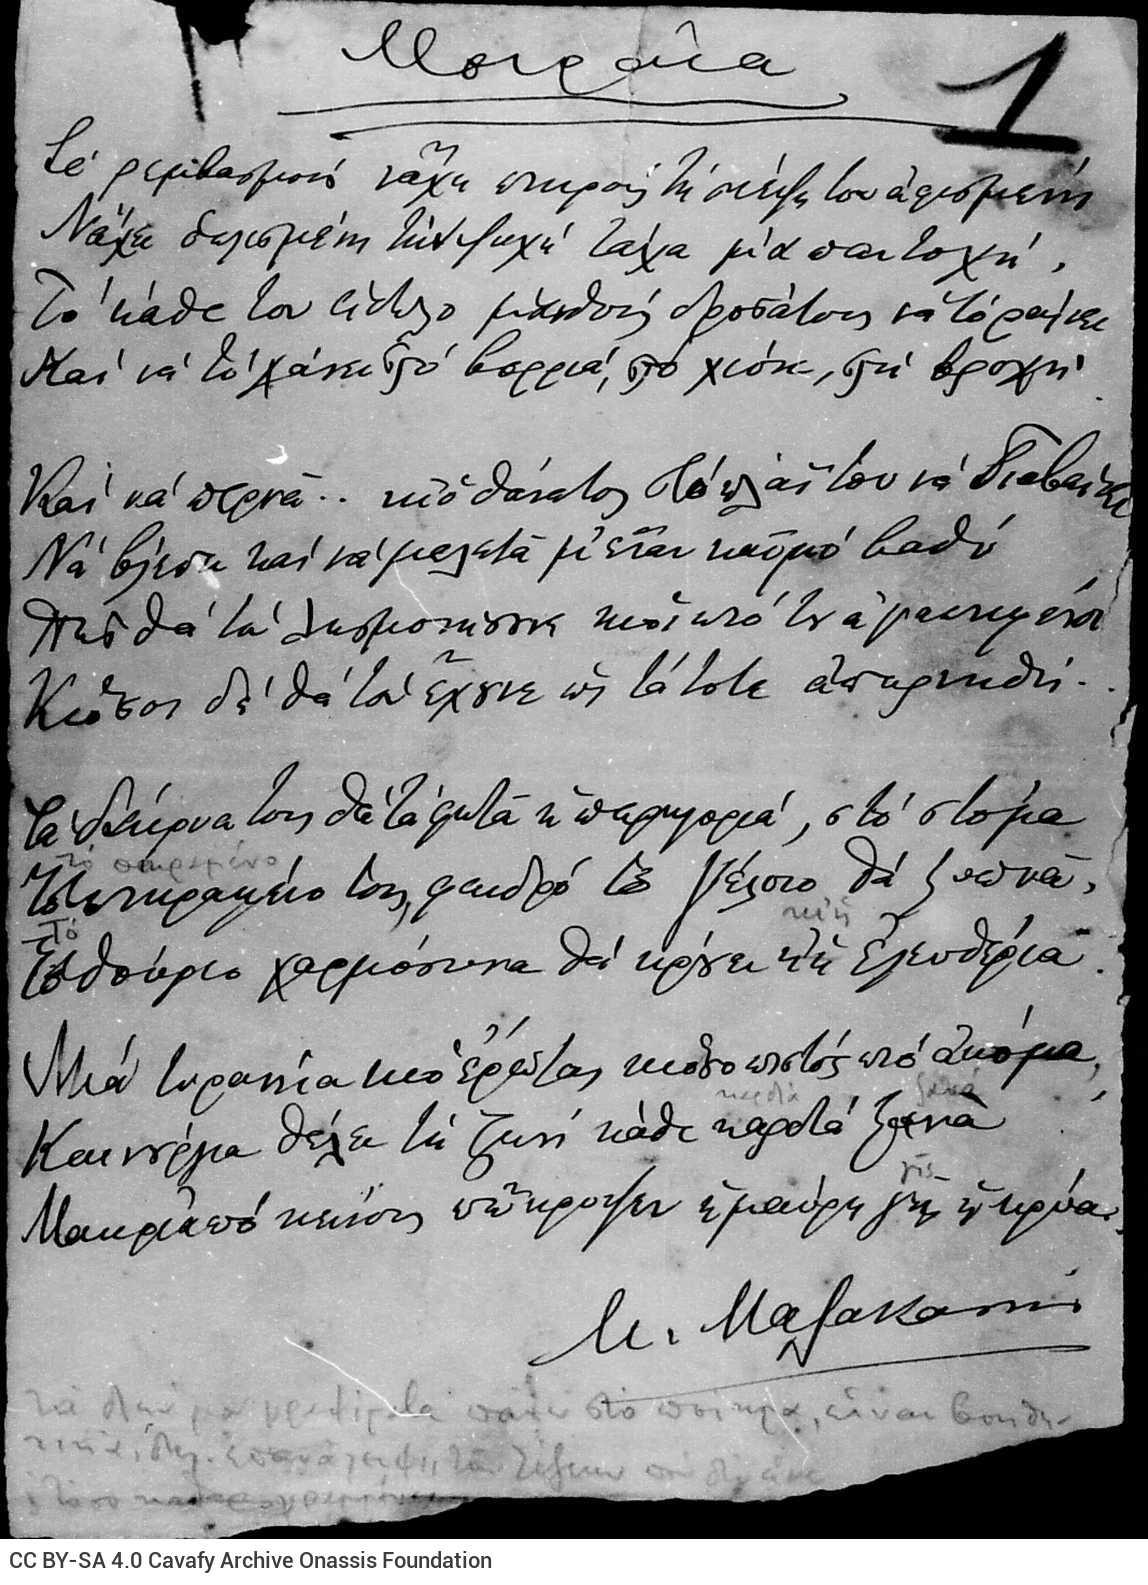 Χειρόγραφο του ποιήματος «Μοιραία» του Μιλτιάδη Μαλακάση, γραμμέν